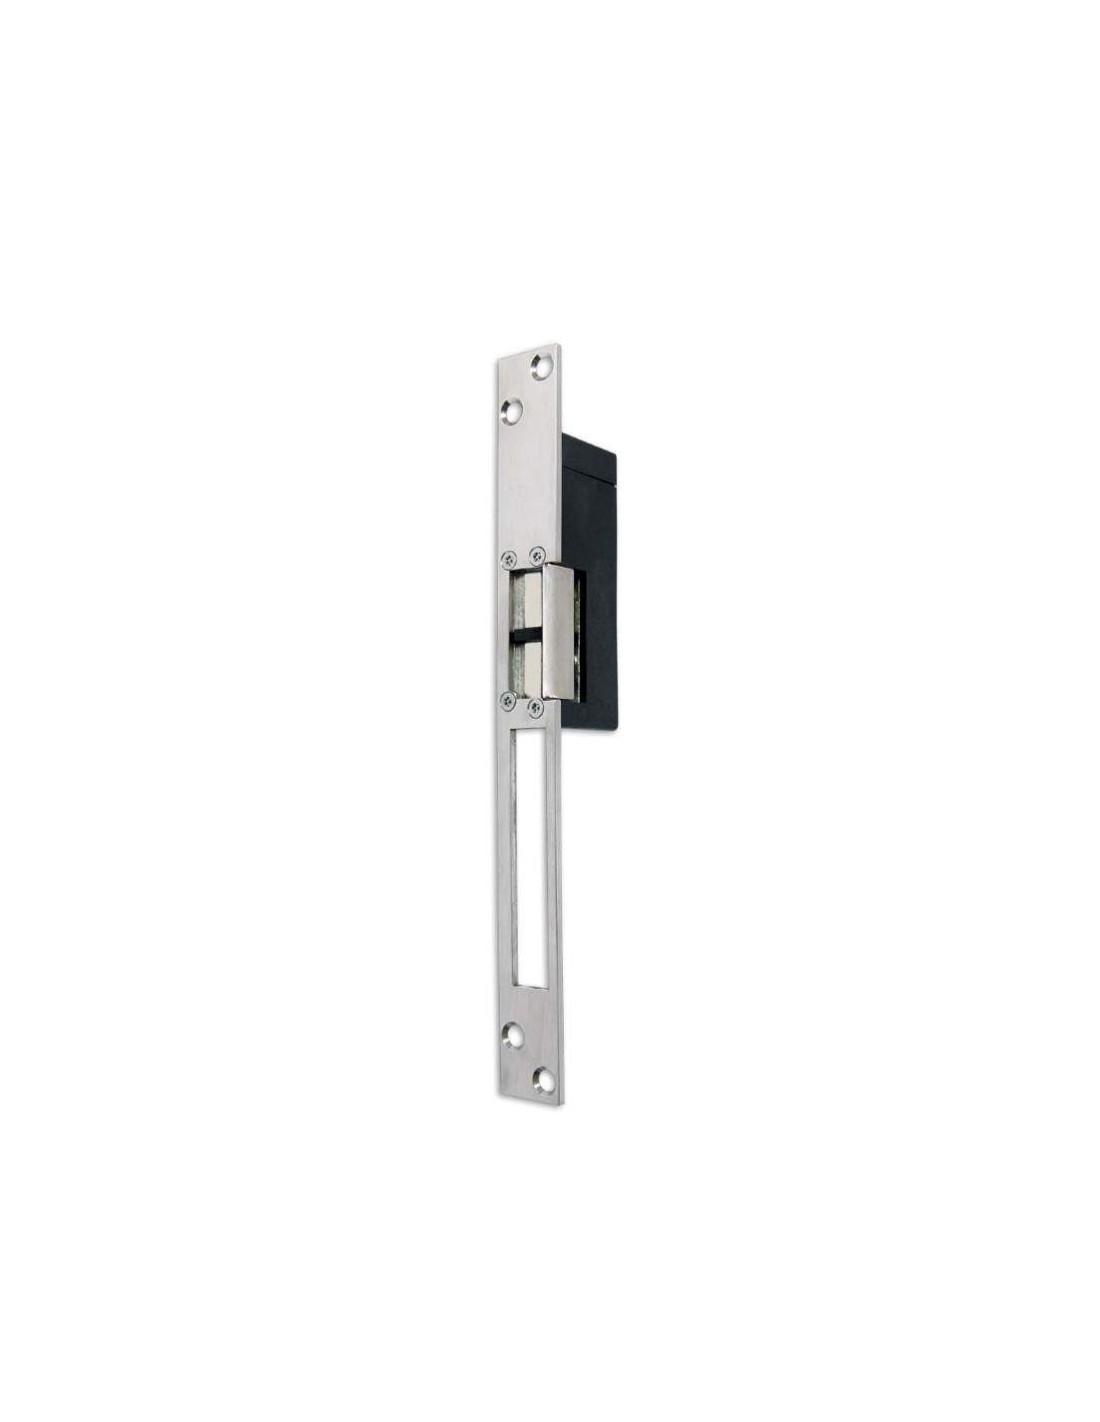 Cerradura el ctrica estanca ip54 para puertas tsimplifica for Precio de puertas electricas